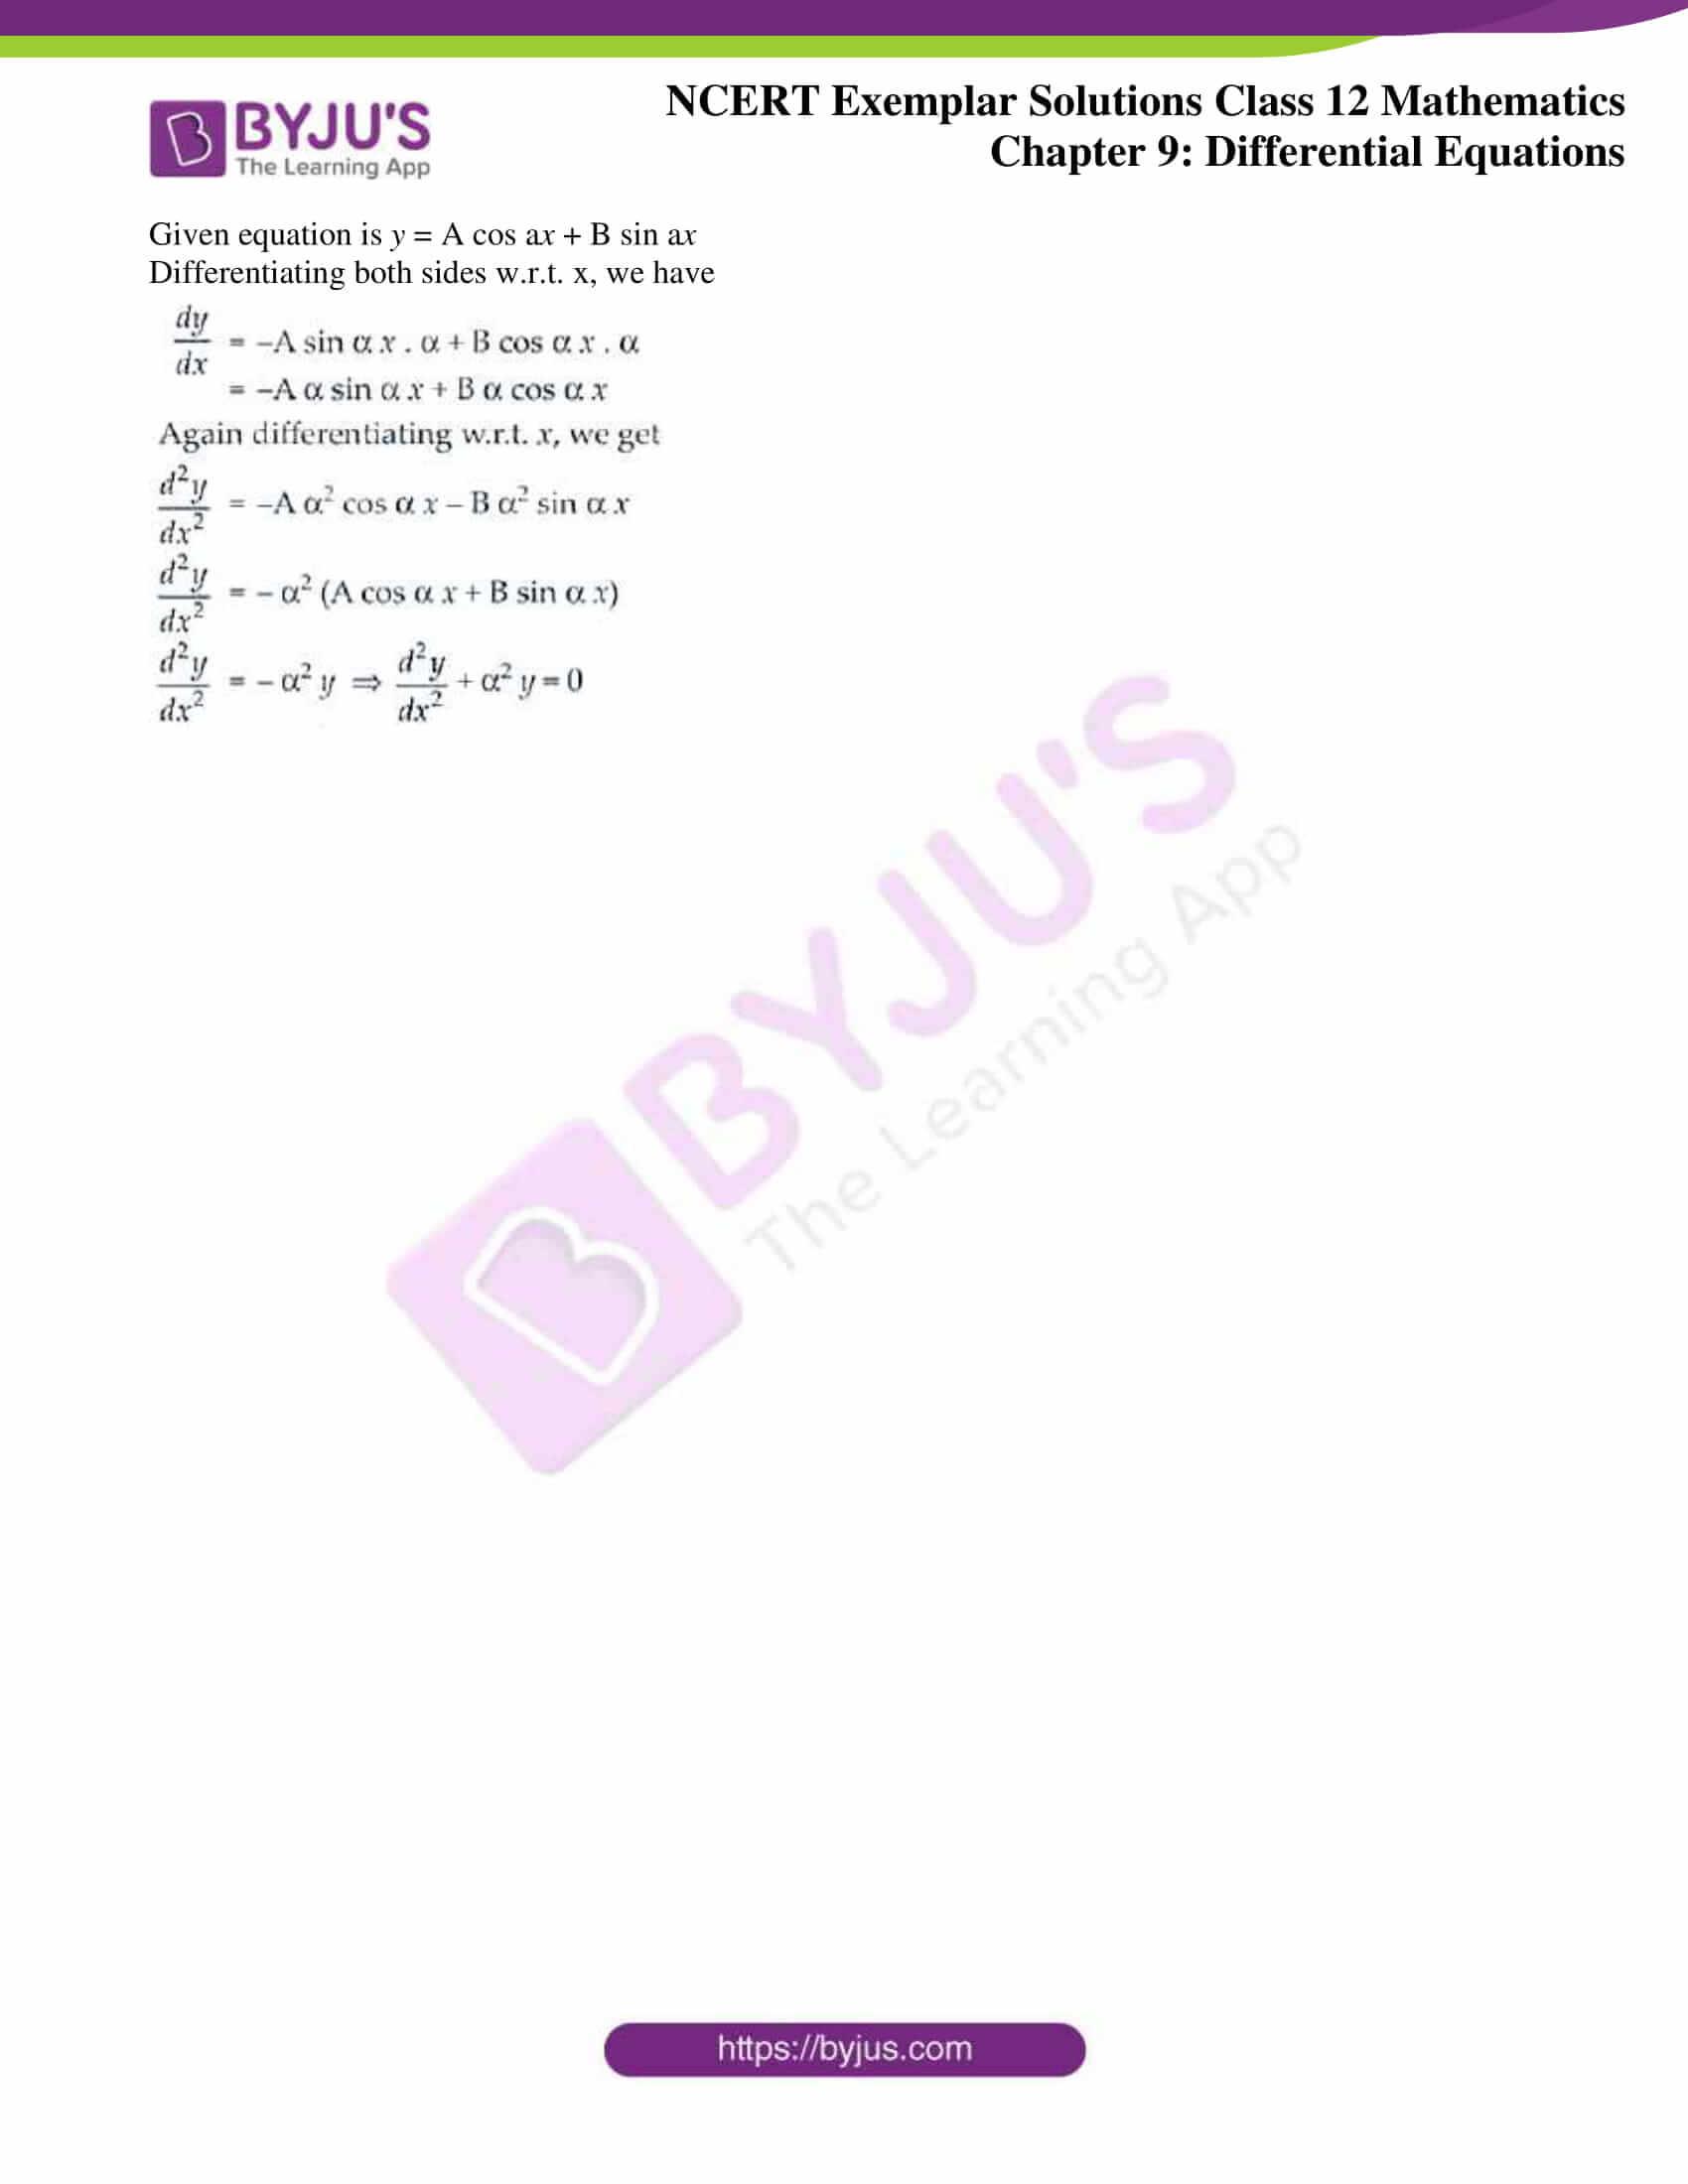 ncert exemplar sol class 12 mathematics ch 9 24